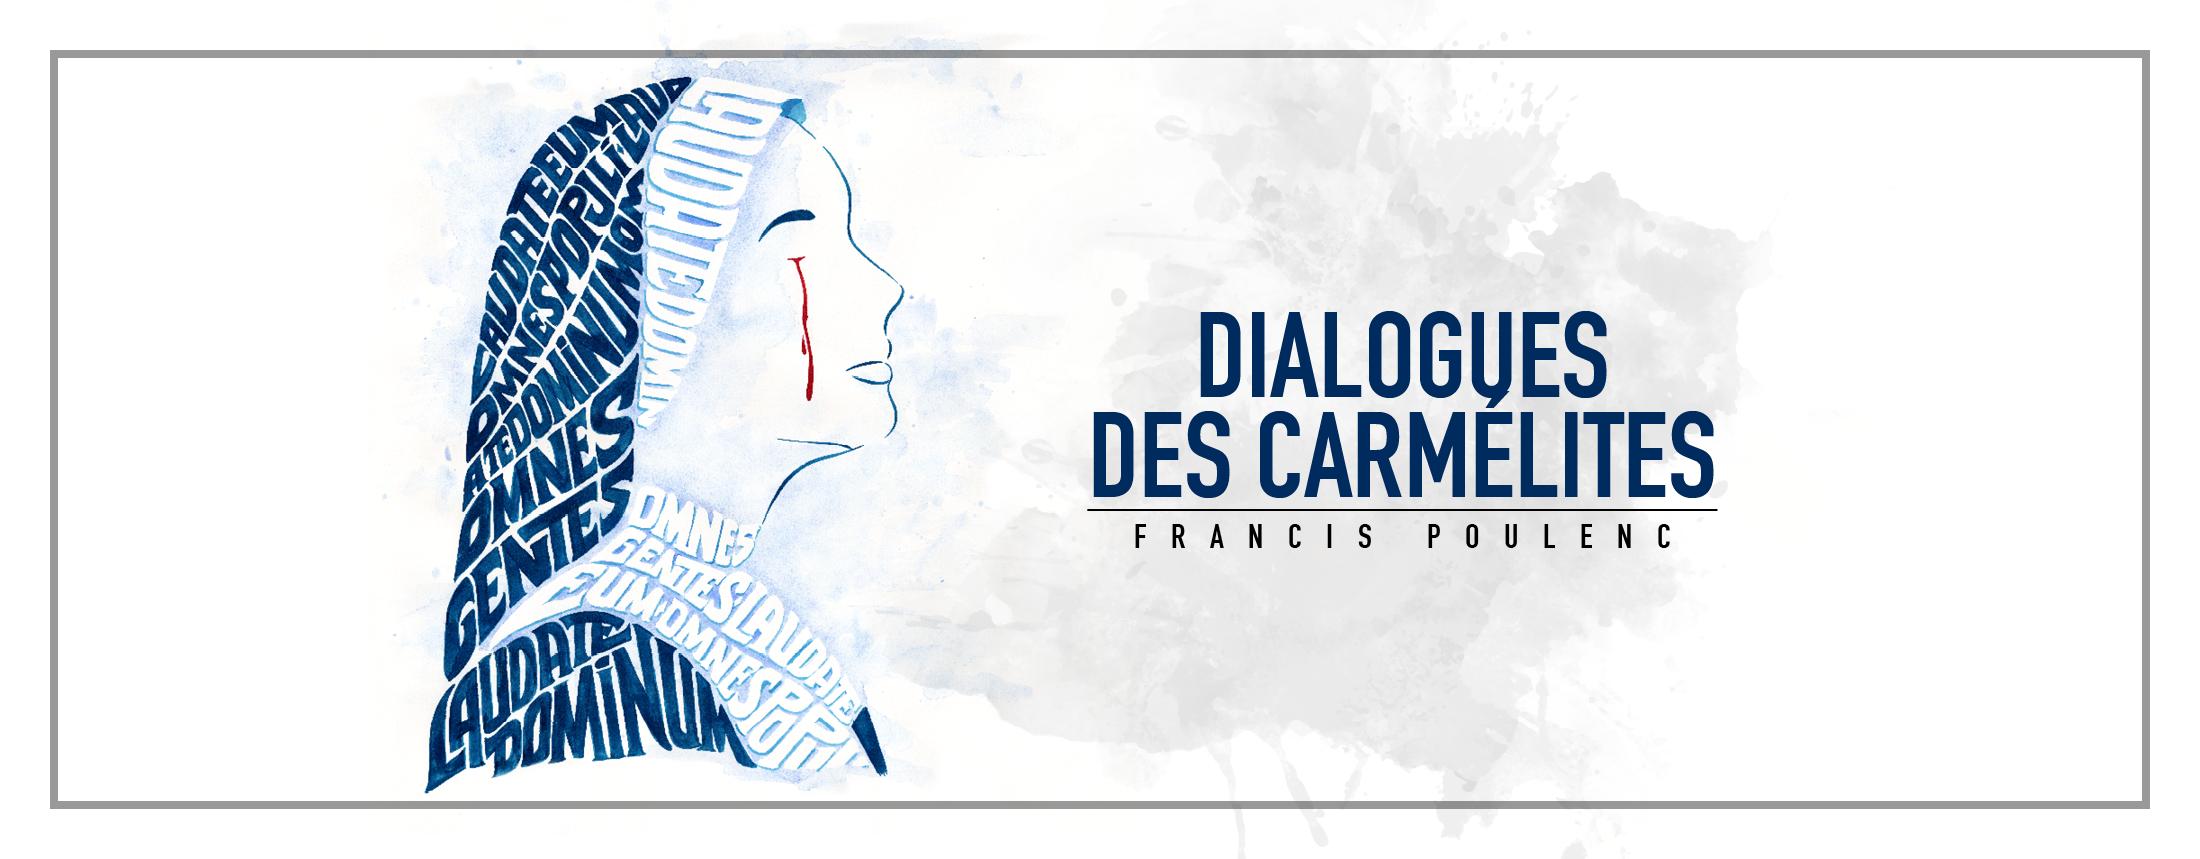 Dialogues des Carmelites ON_Web_2200x_859